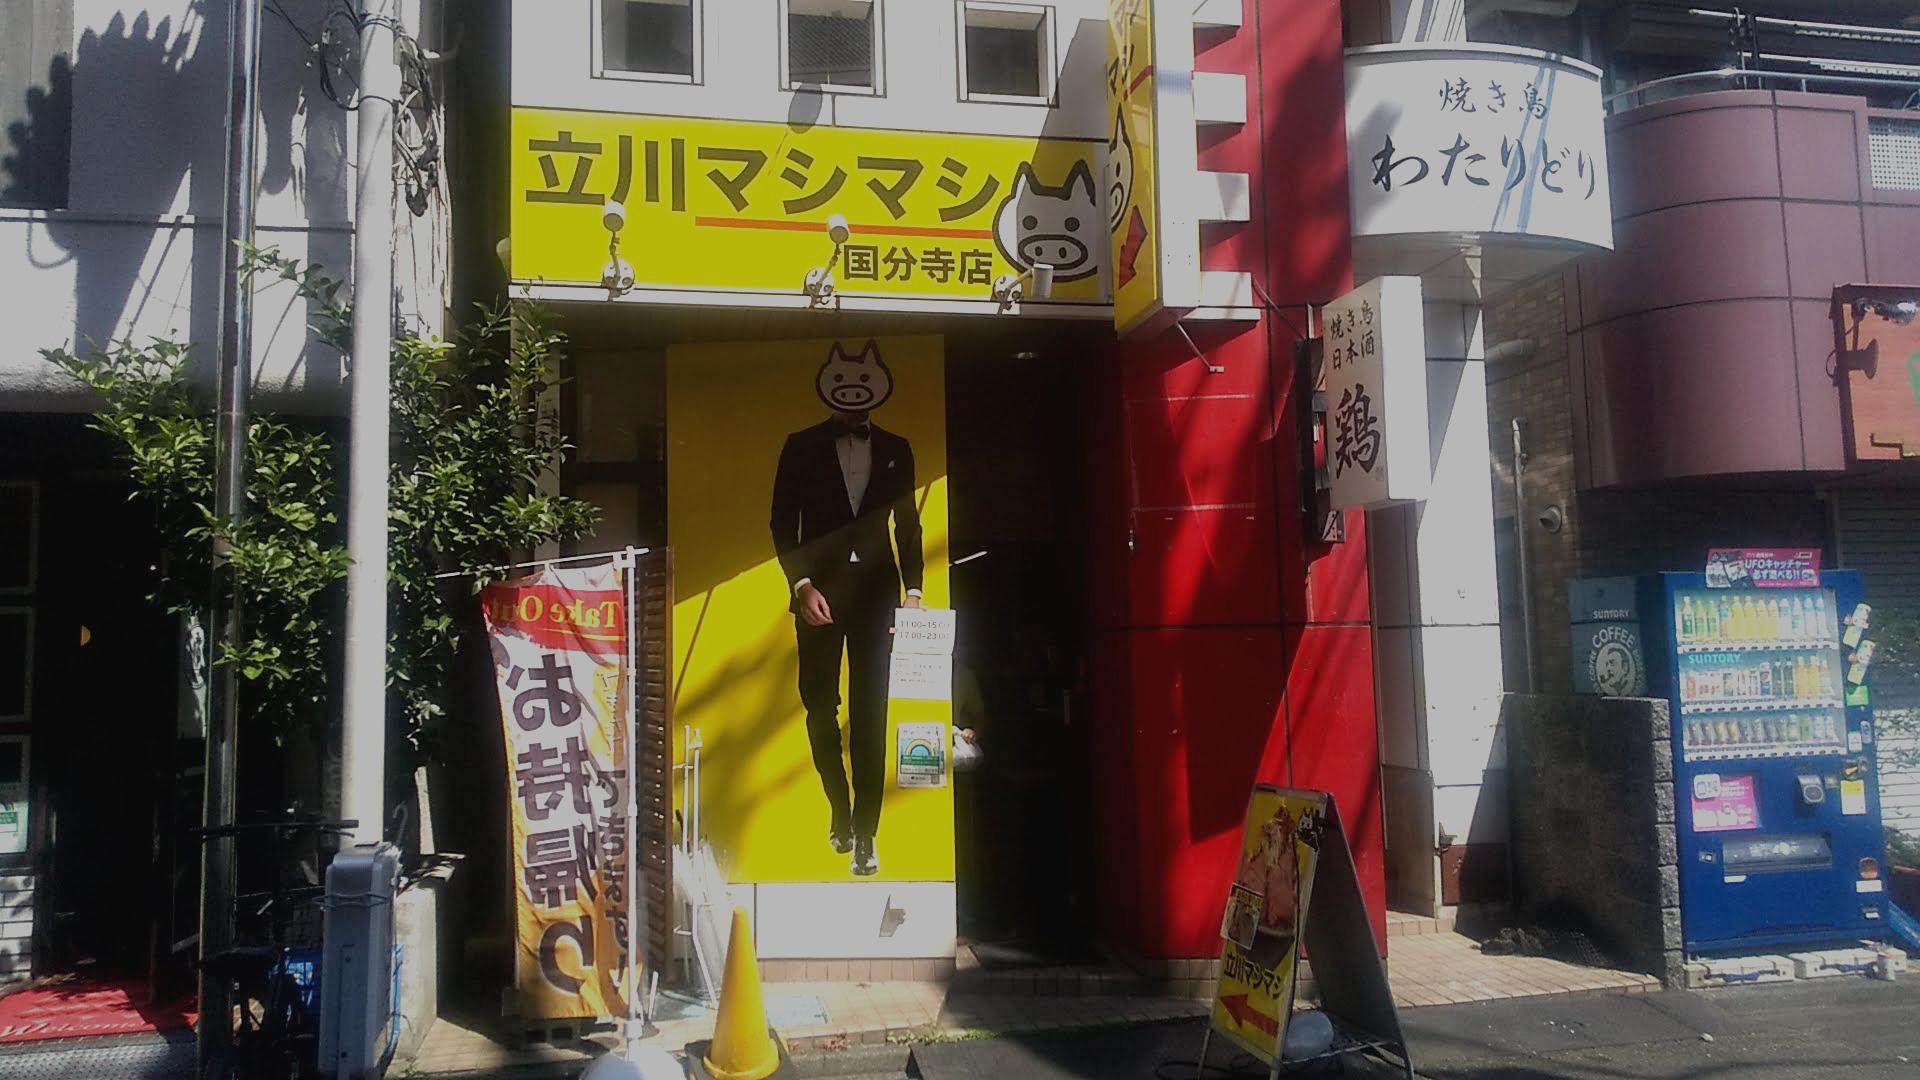 立川マシマシの外観写真